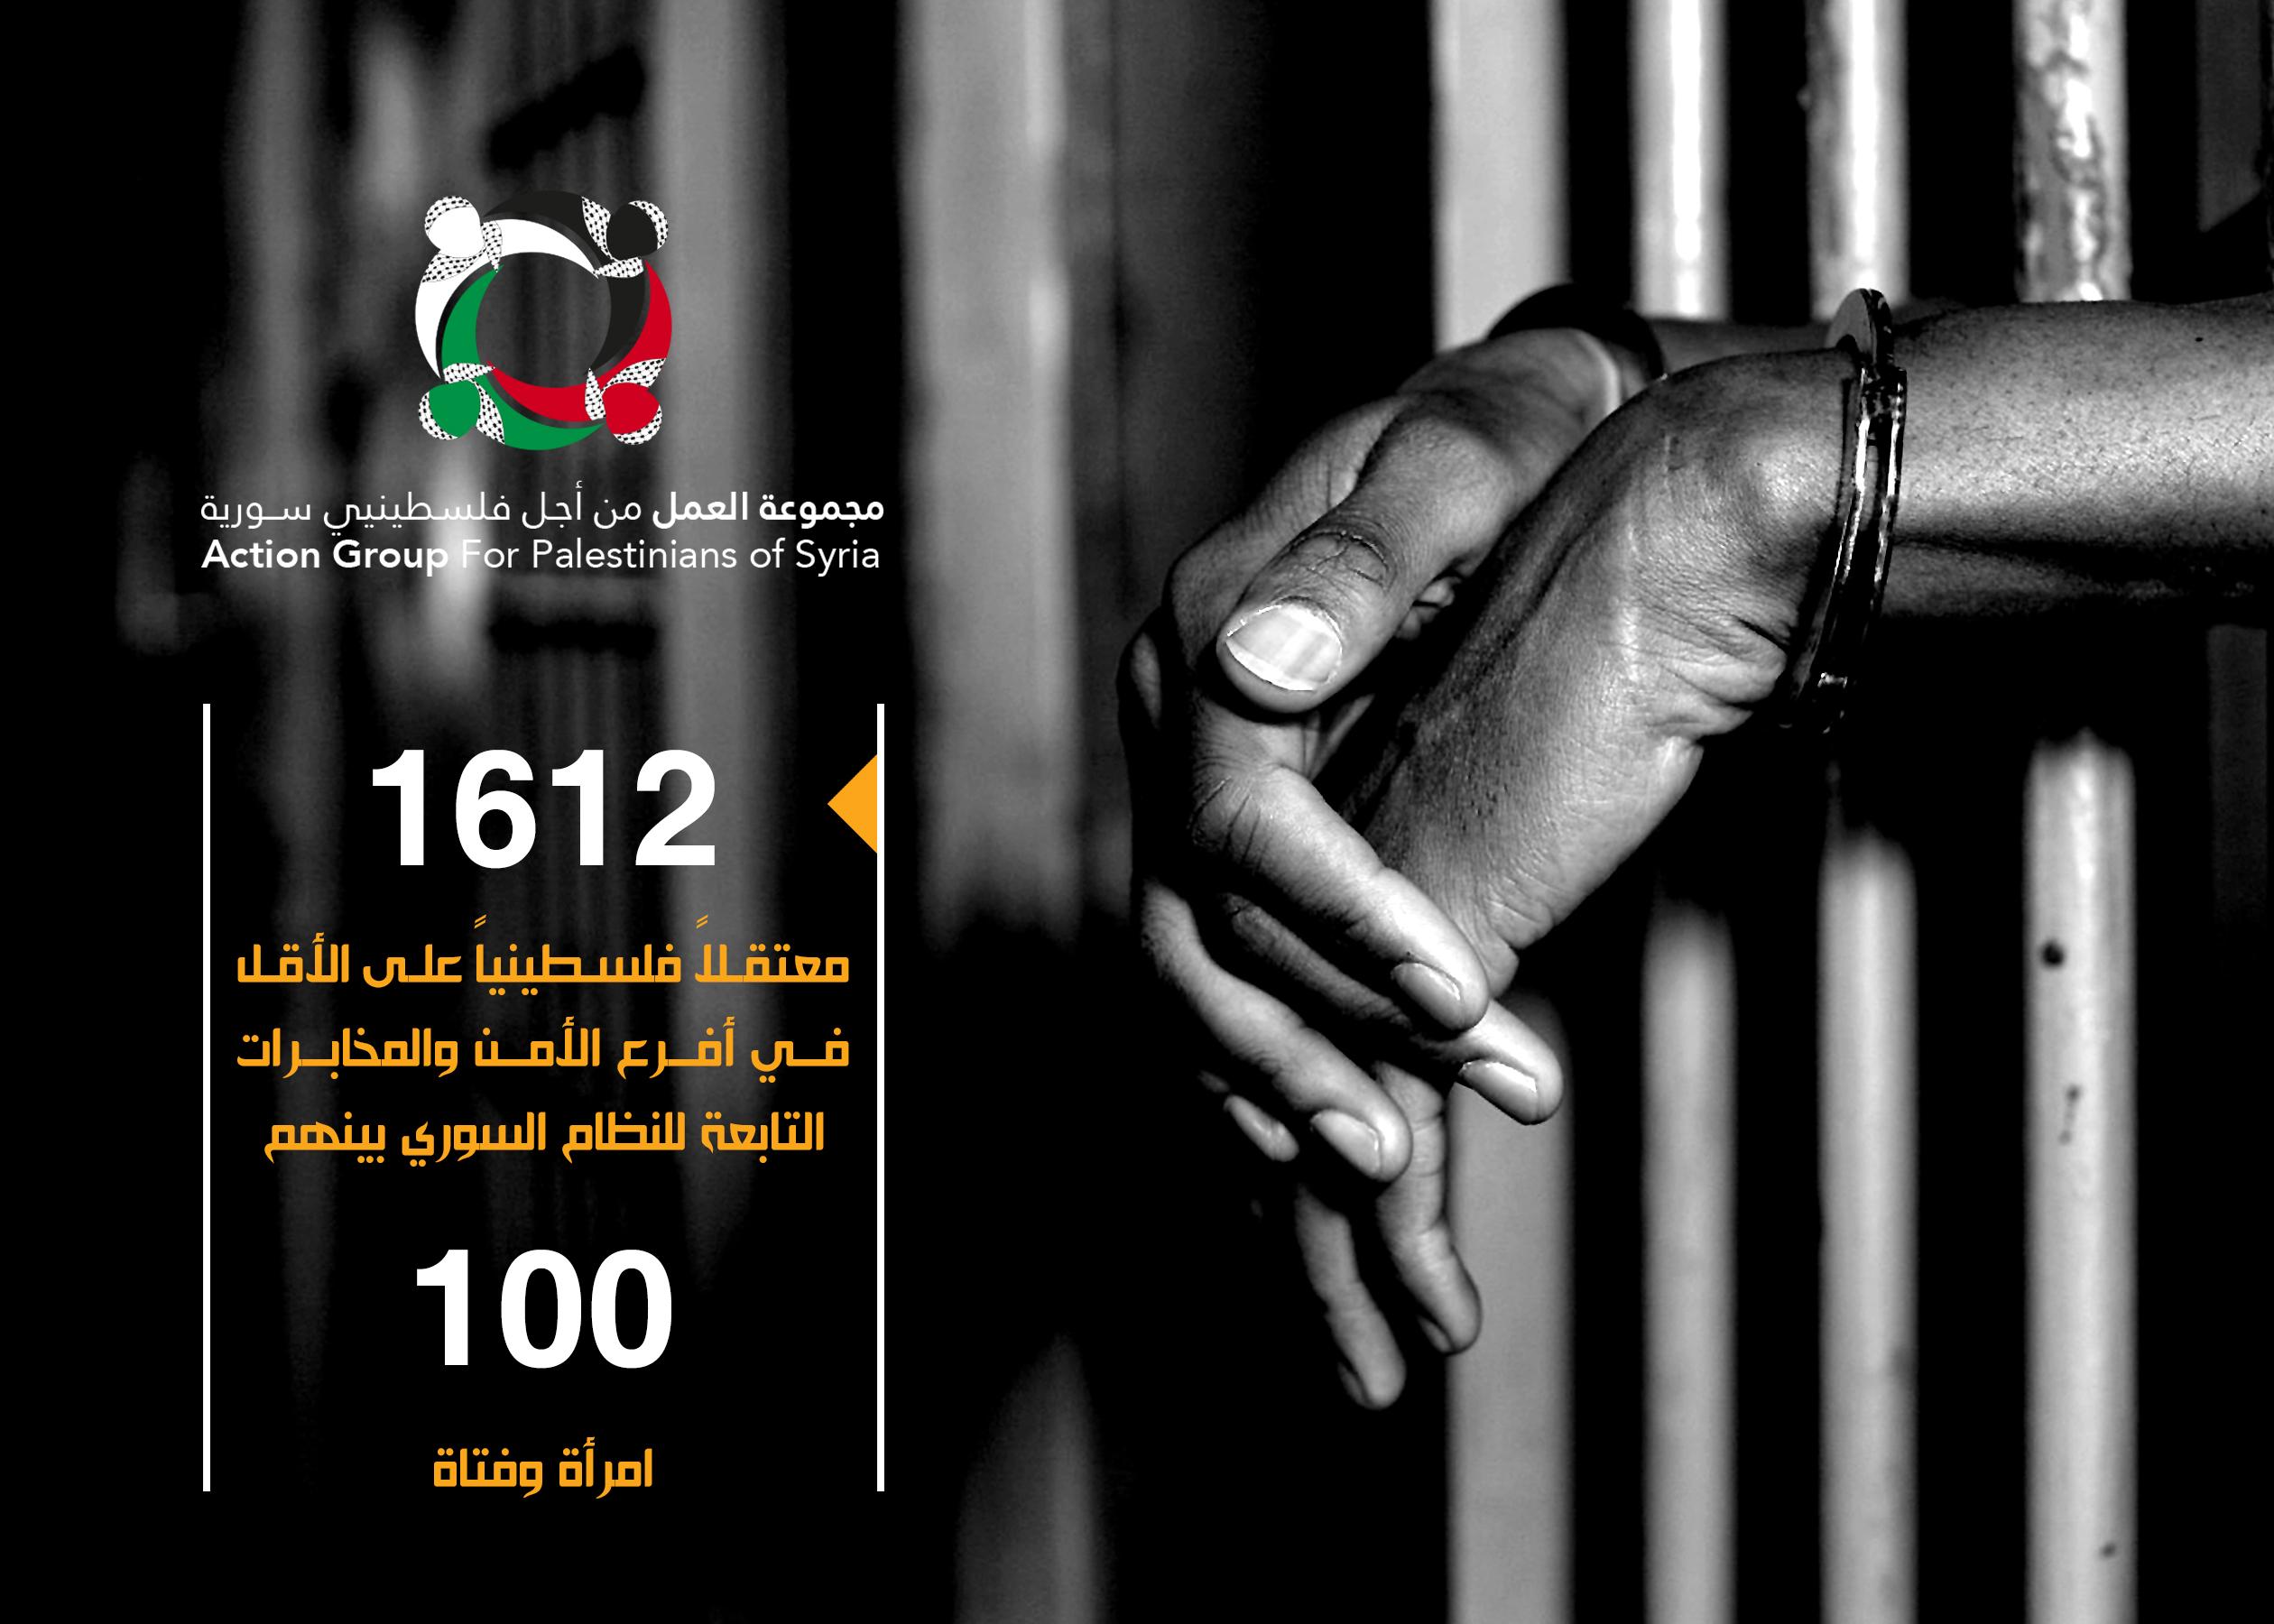 صورة بينهم 100 إمرأة..1612 فلسطيني يعتقلهم الأسد